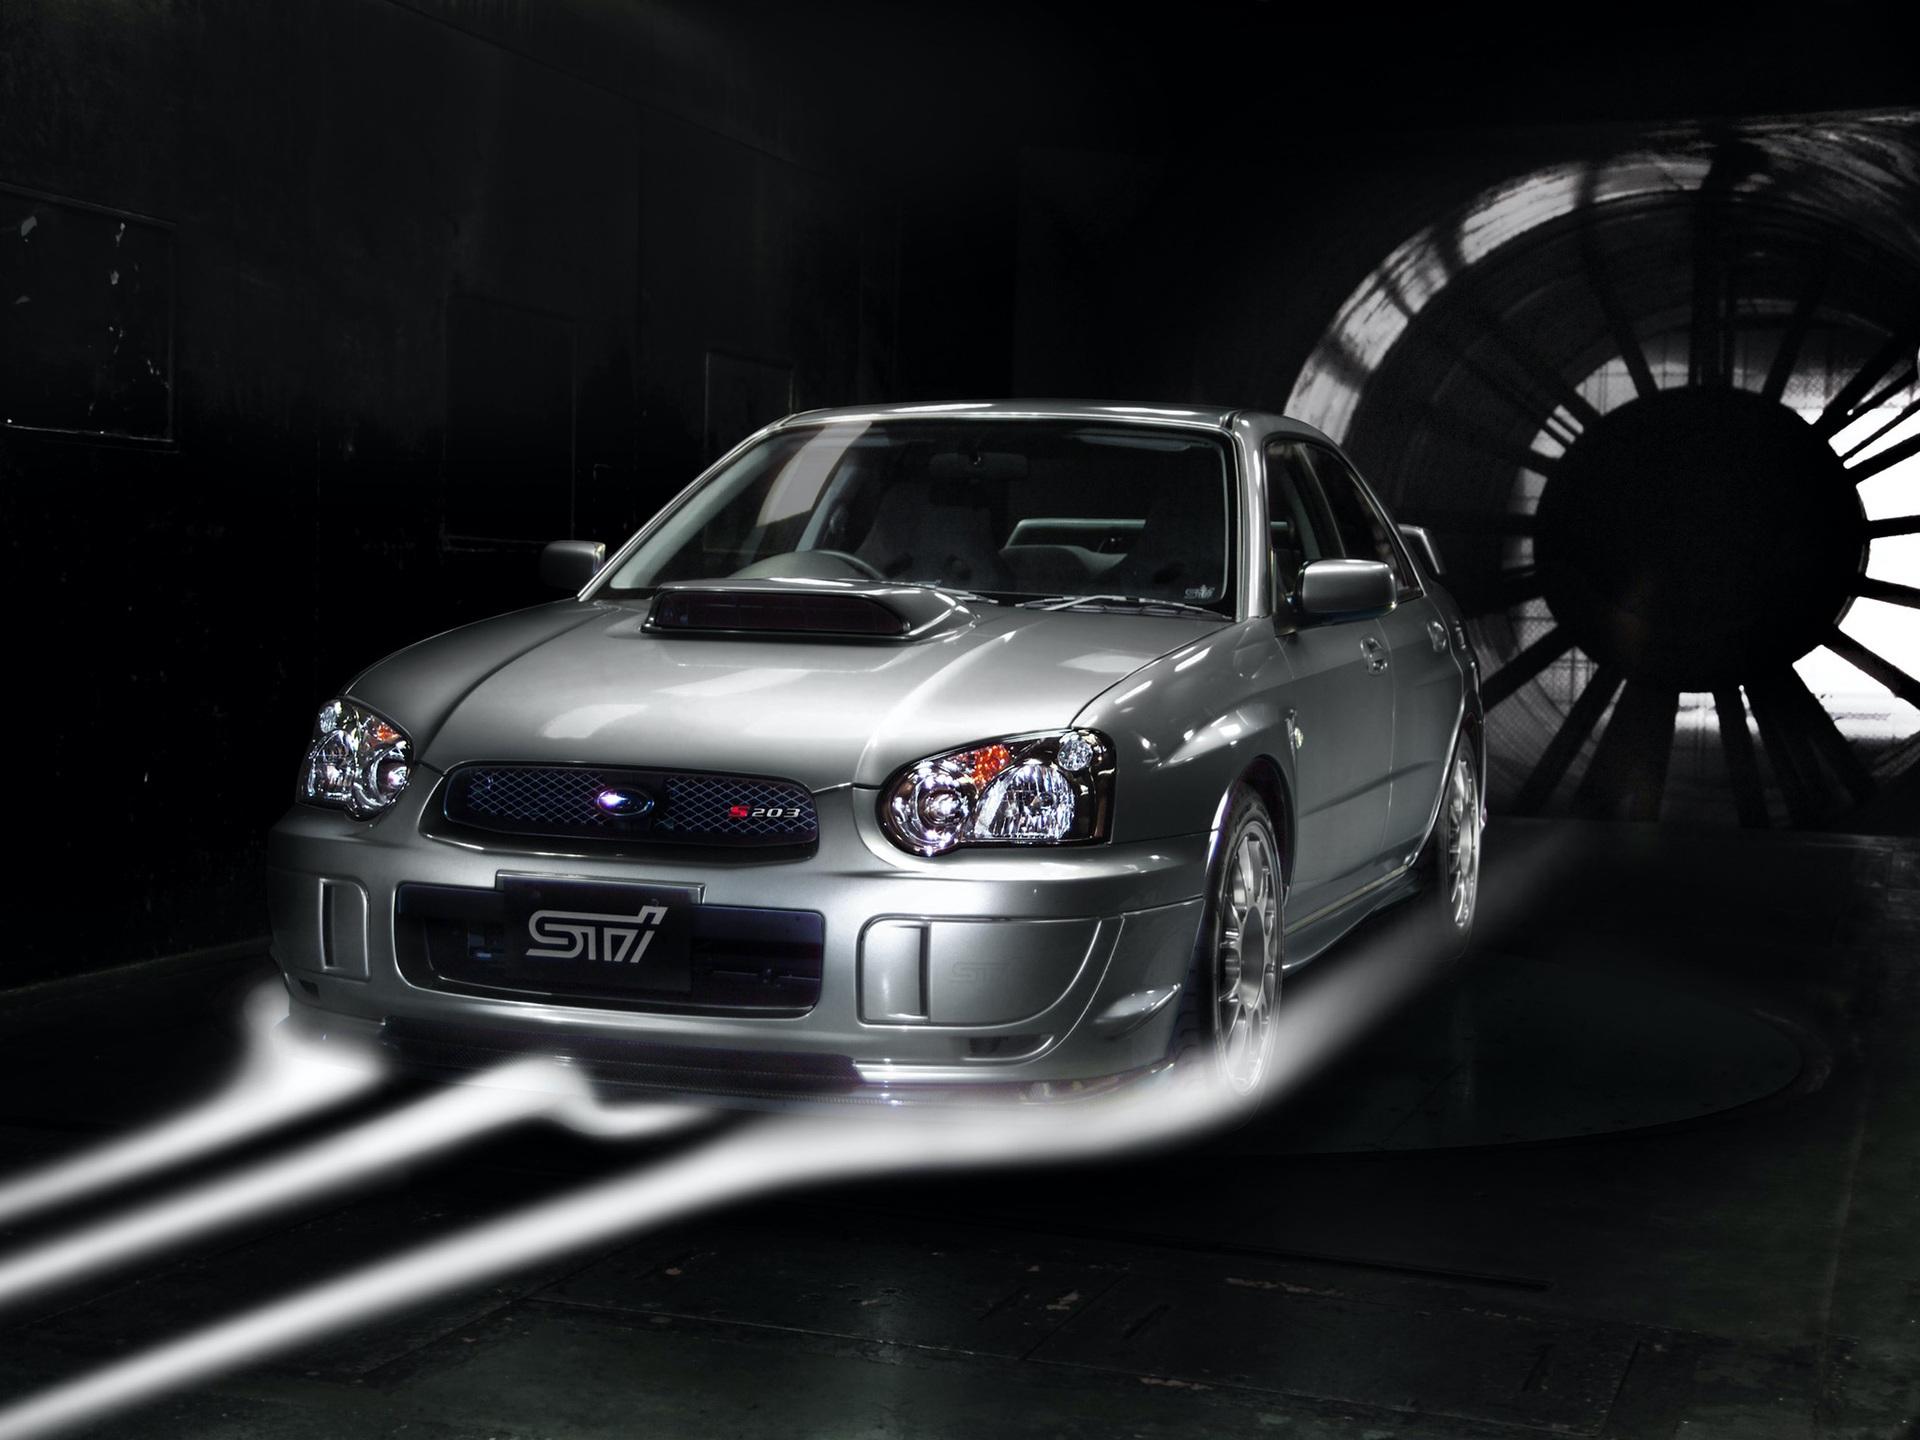 Subaru_Impreza_STI_S203_0003